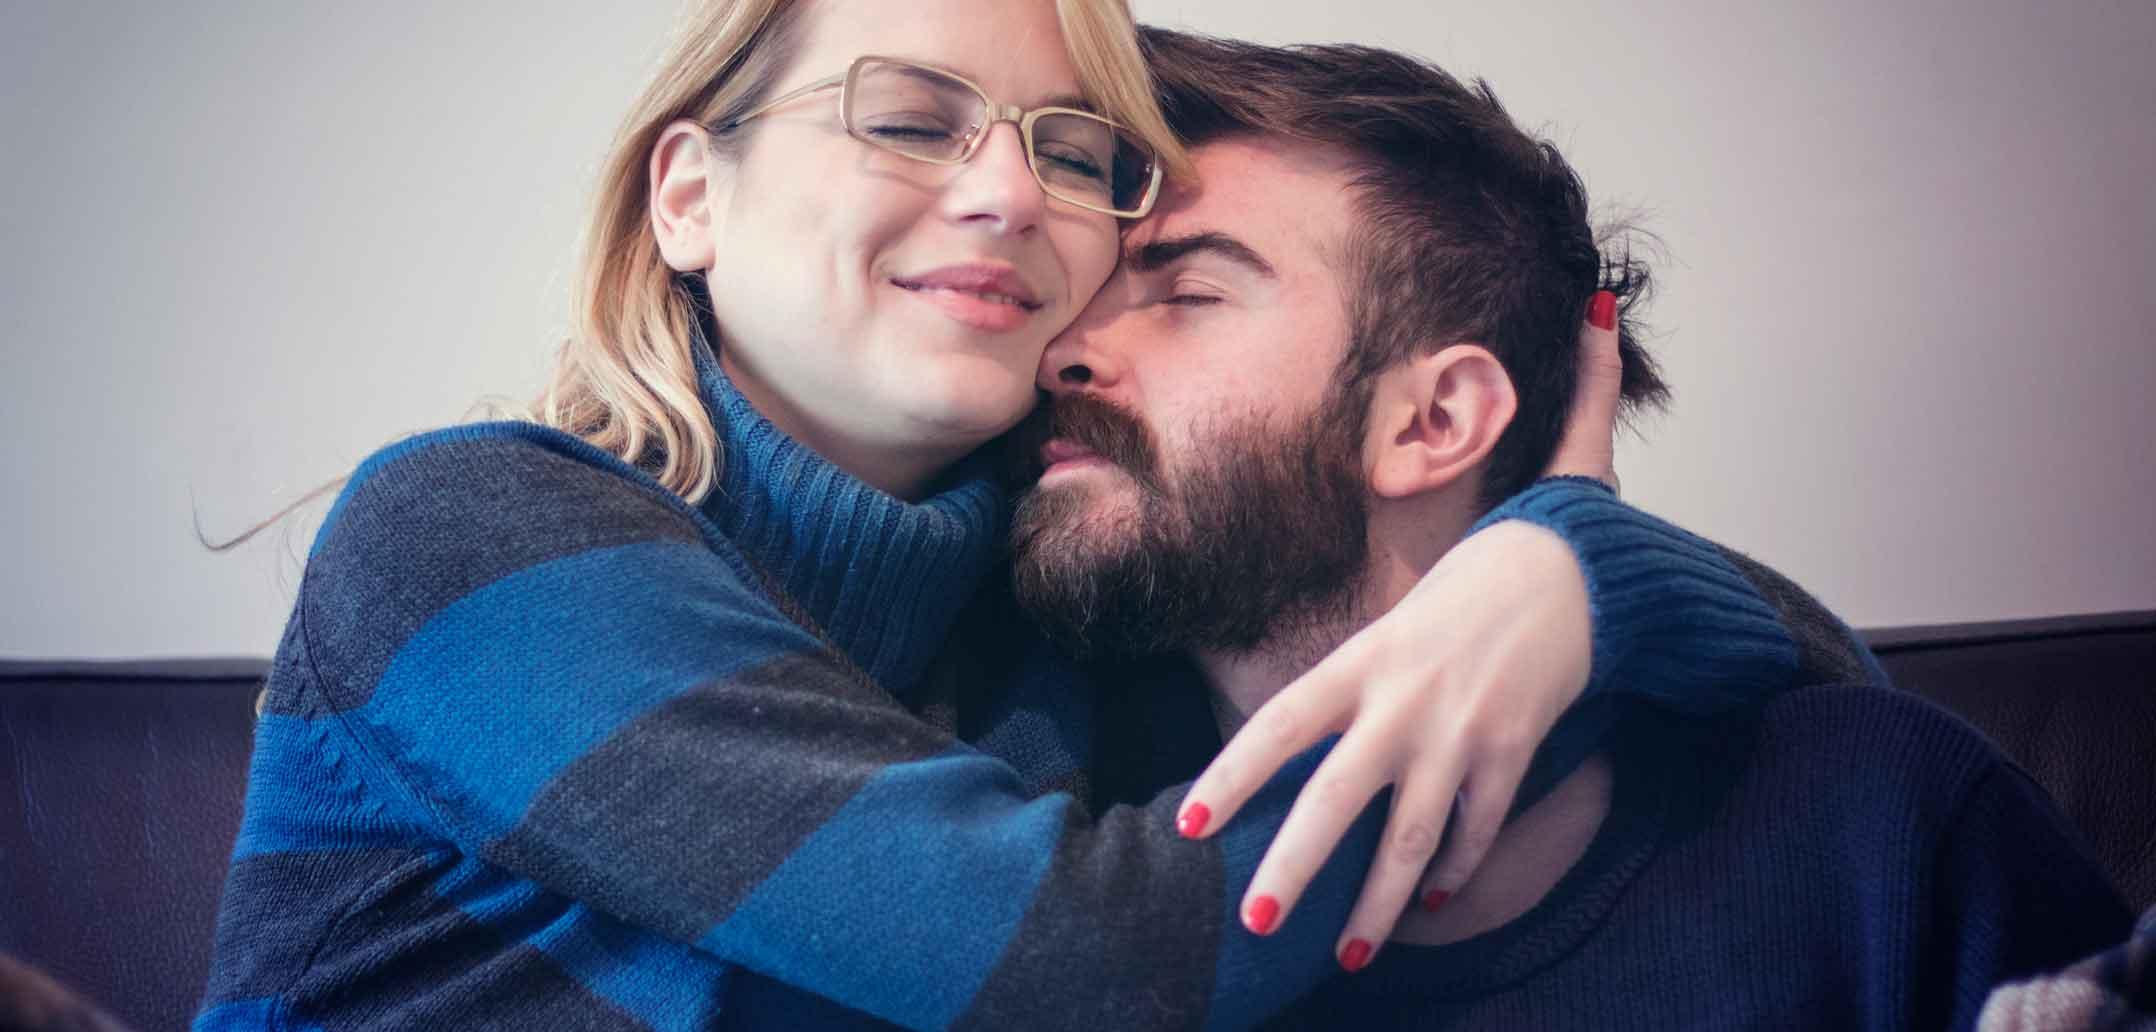 Wenn die Beziehung langweilig wird, sollten Sie diese Tipps lesen